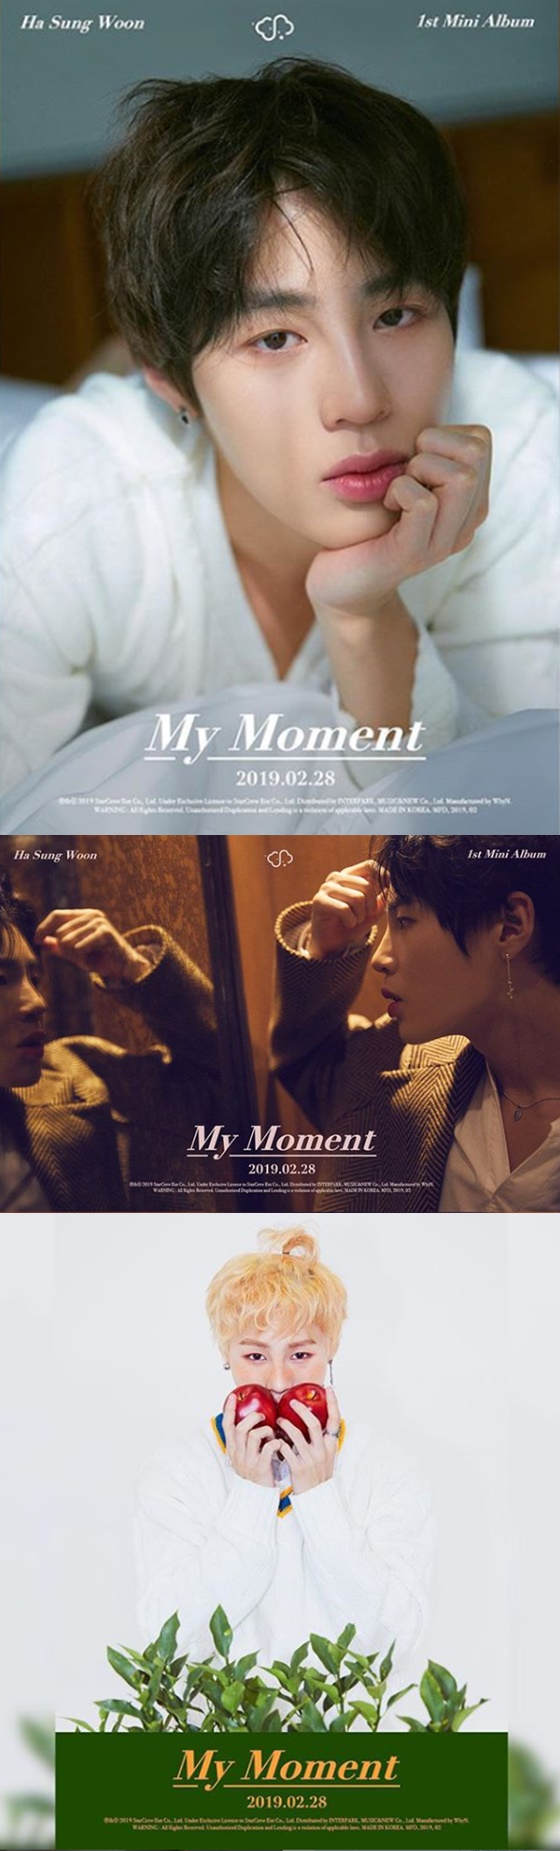 하성운 미니 앨범 'My Momnet' 티저 이미지 /사진=하성운 인스타그램 캡처